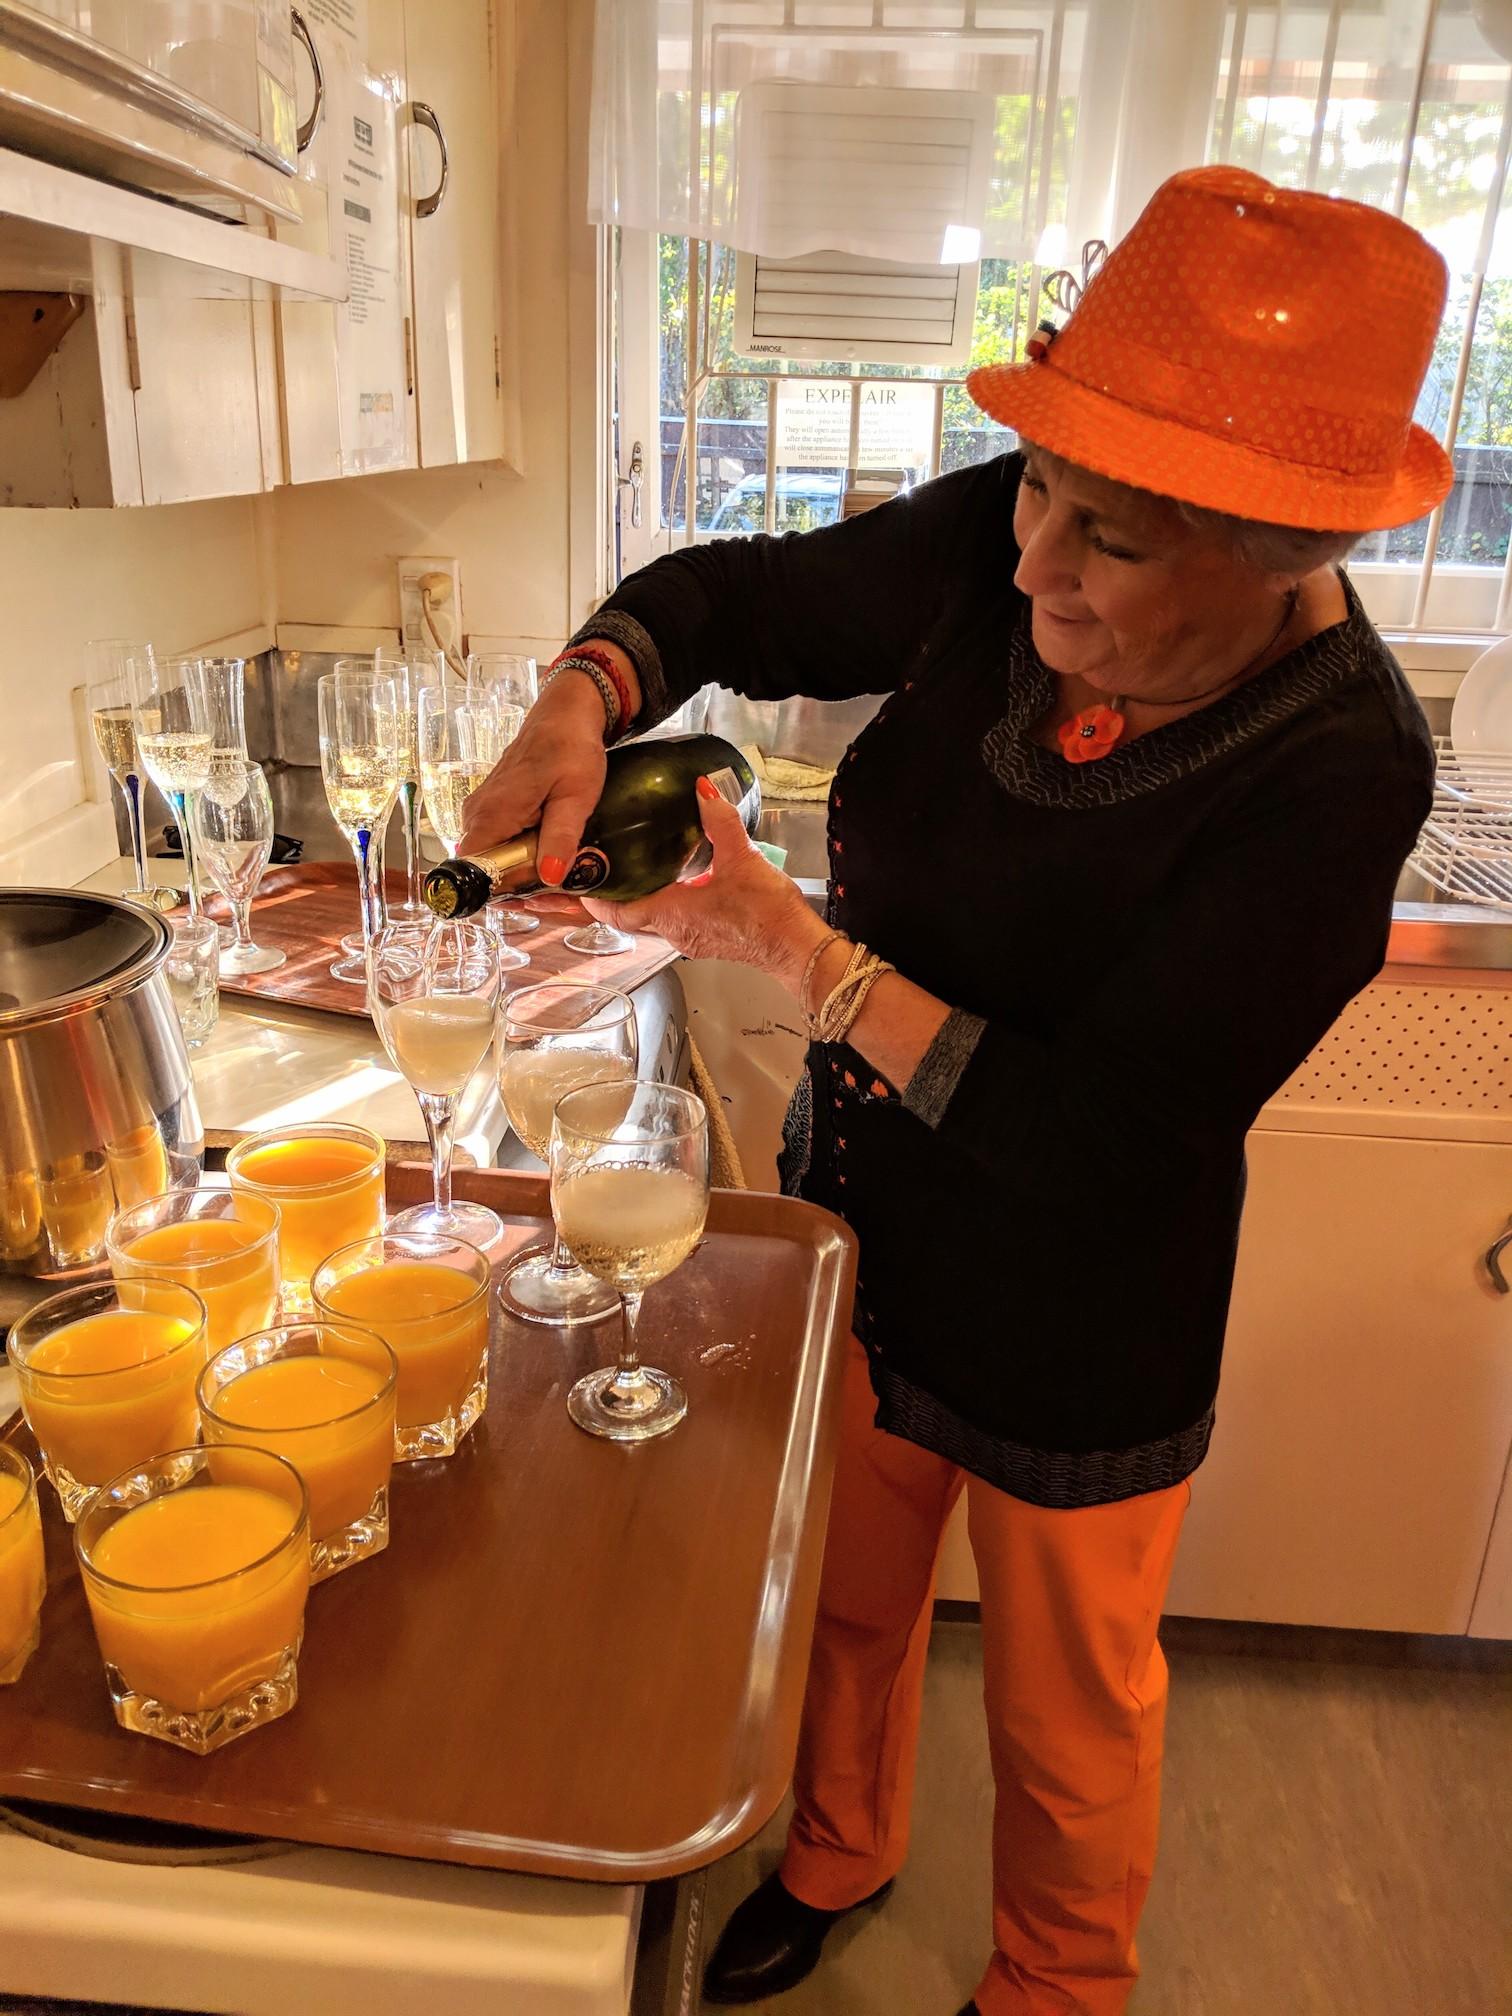 Oranje Anna.jpg